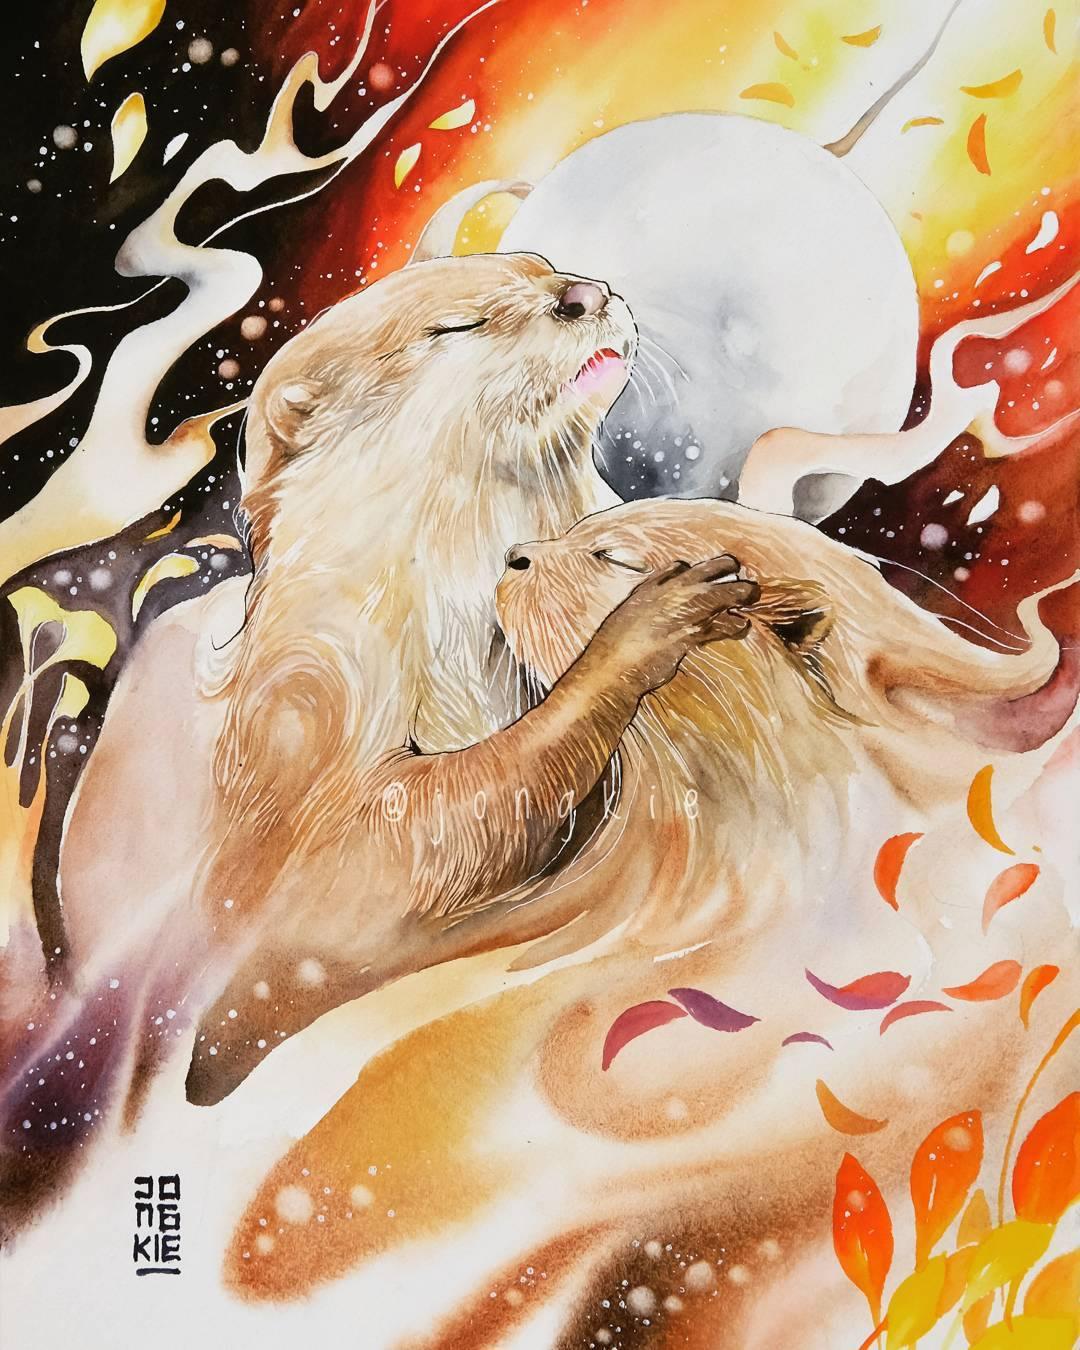 [Aquarelles] Les illustrations d'animaux magnifiquement colorées de Jongkie 13